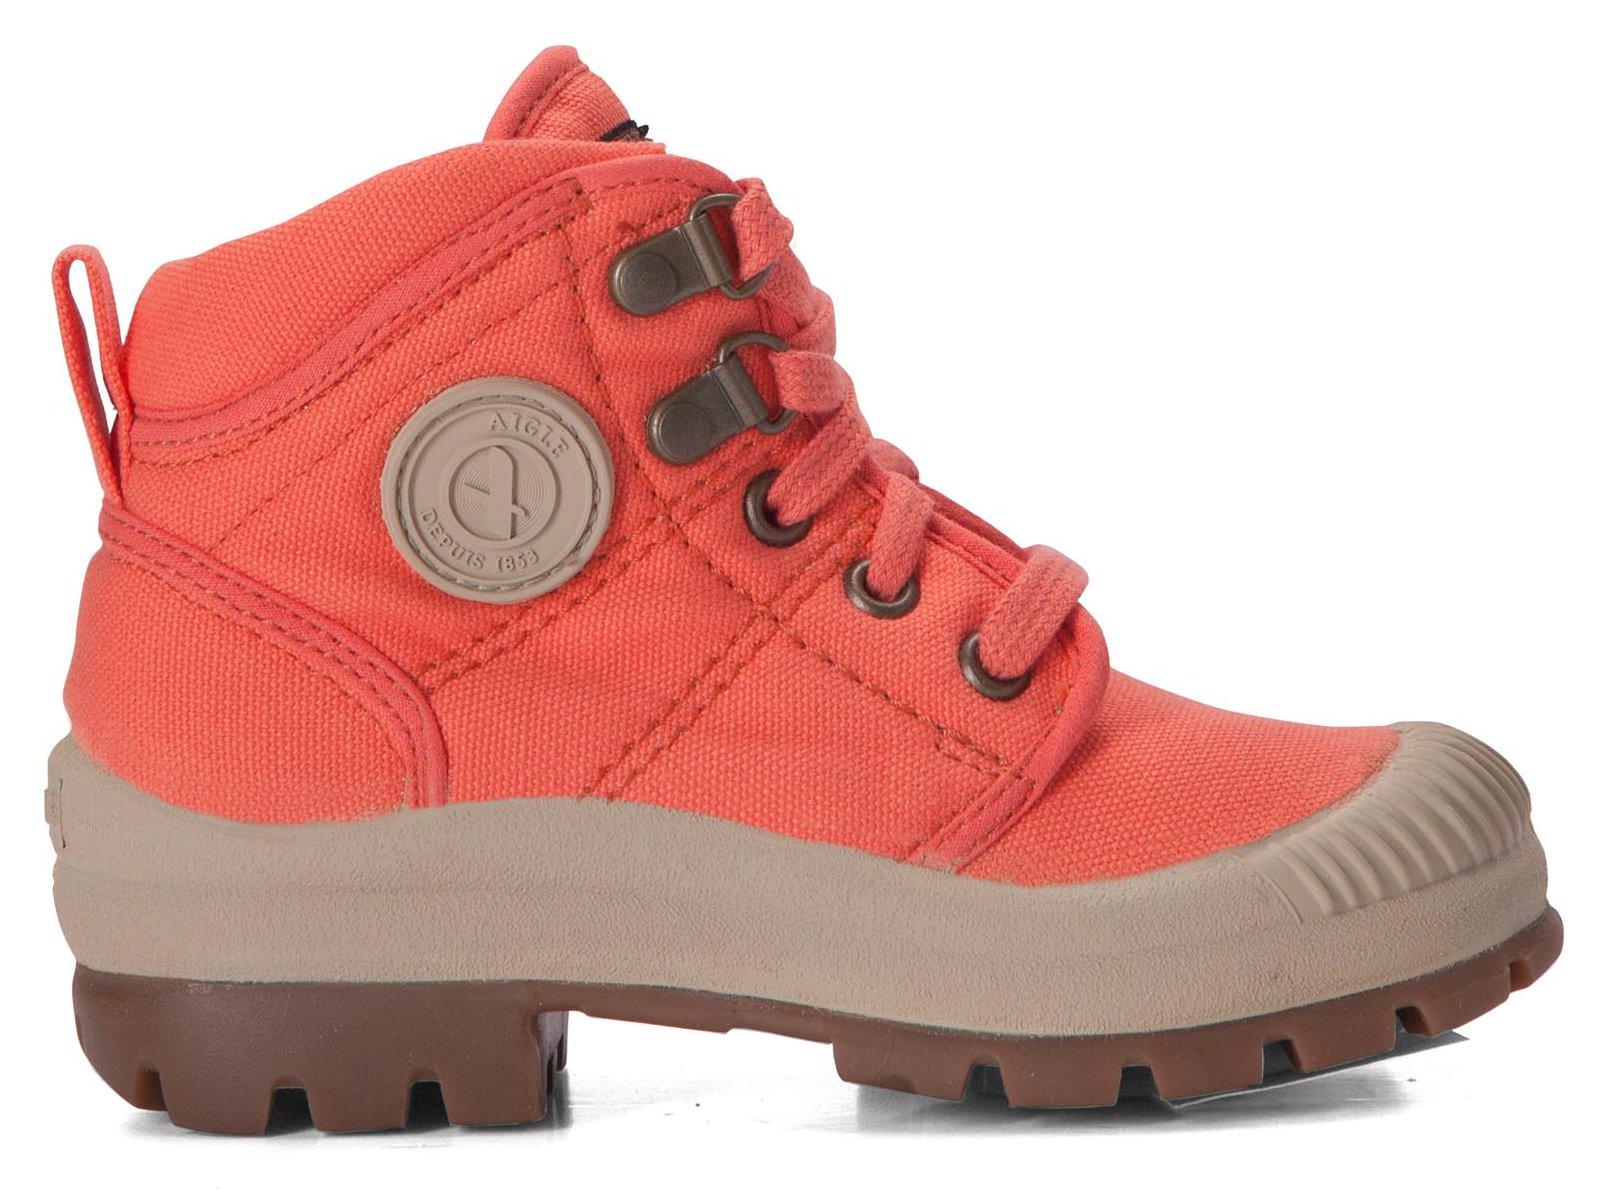 nouveau produit dca4f 6b522 chaussures Chaussure De Asics Le Vieux Campeur Femme Marche ...